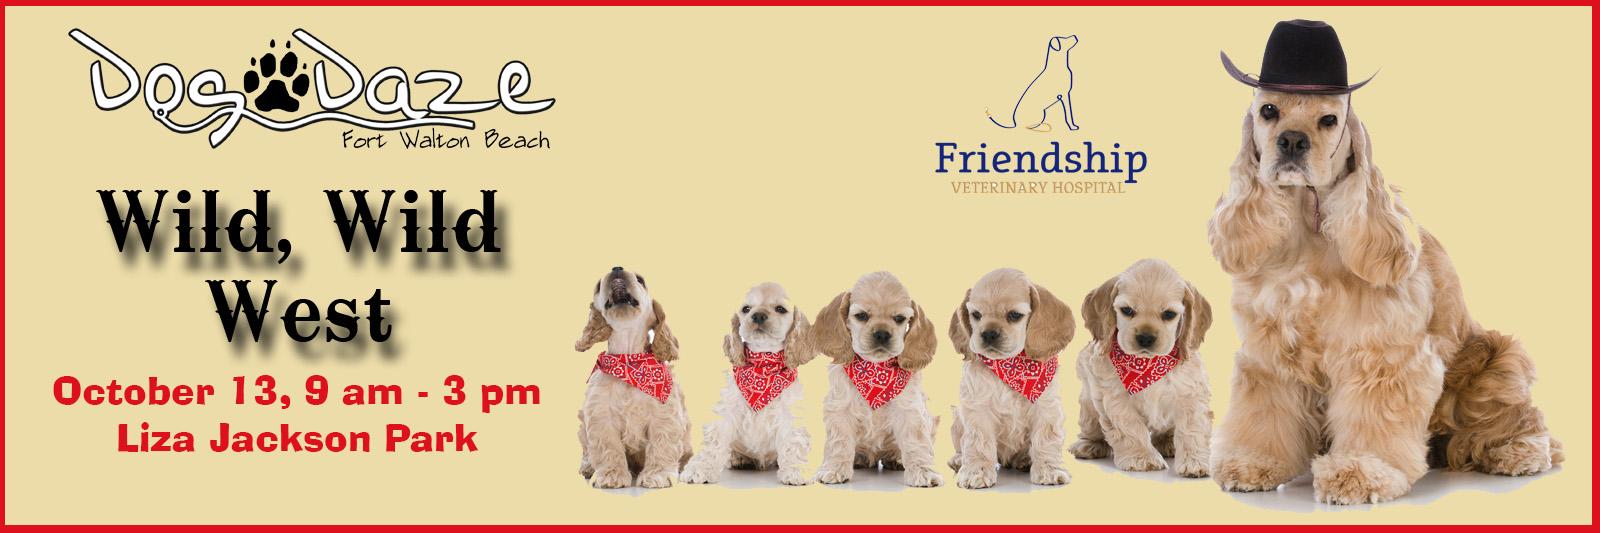 Dog-Daze-CM-Slider.jpg